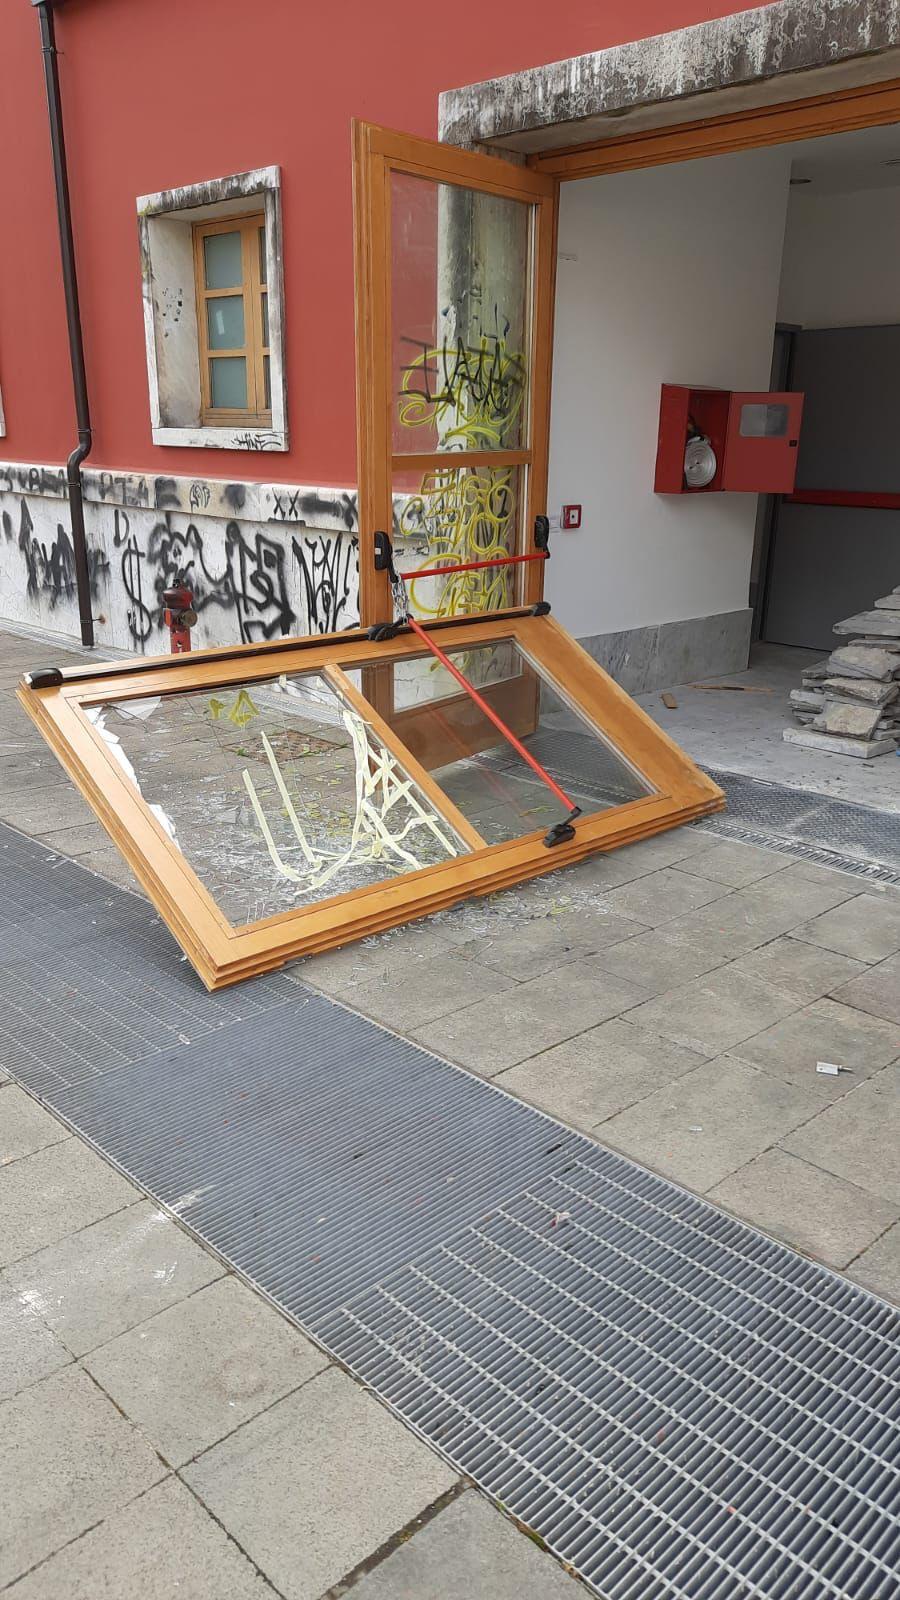 Avellino| Atti vandalici all'Eliseo, Gambardella: si concluda l'iter per riaprirlo